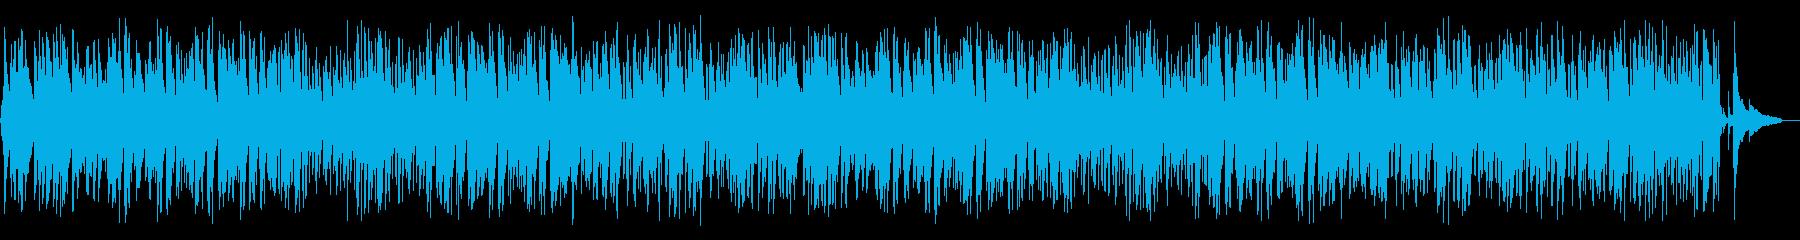 ジャジーで可愛らしい3拍子ポップスBGMの再生済みの波形